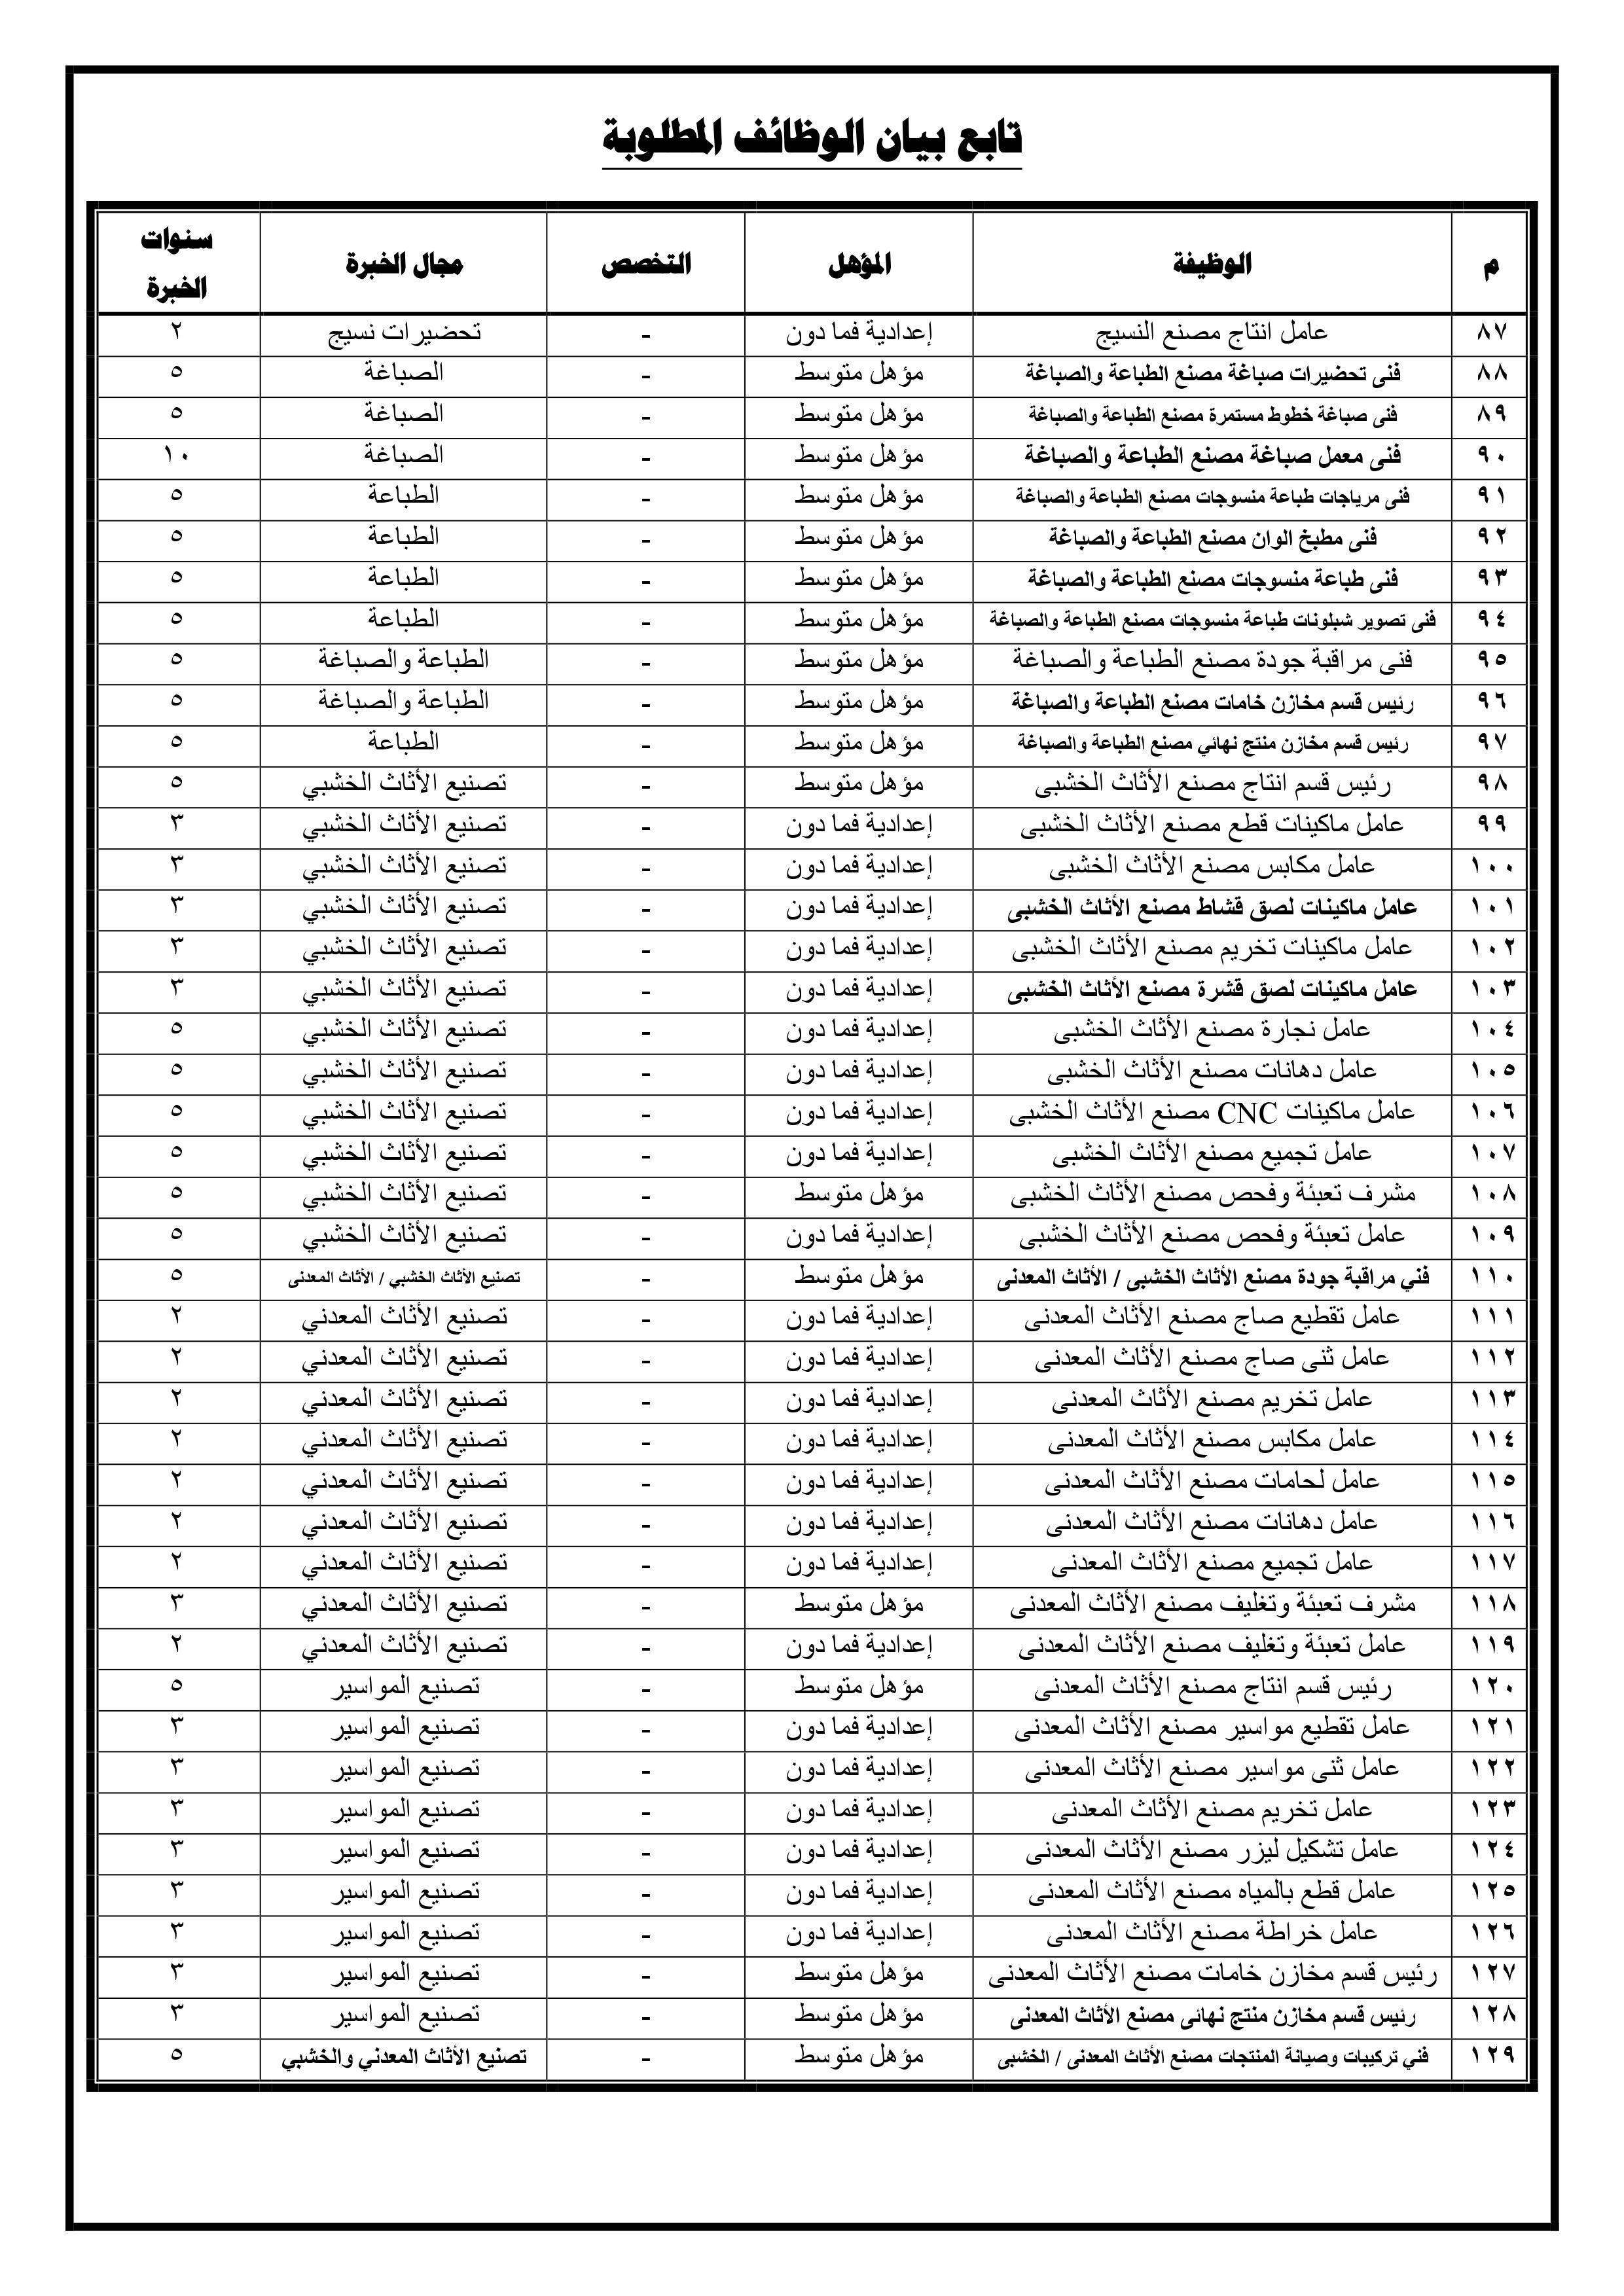 وظائف جهاز مشروعات الخدمة الوطنية 2019 4